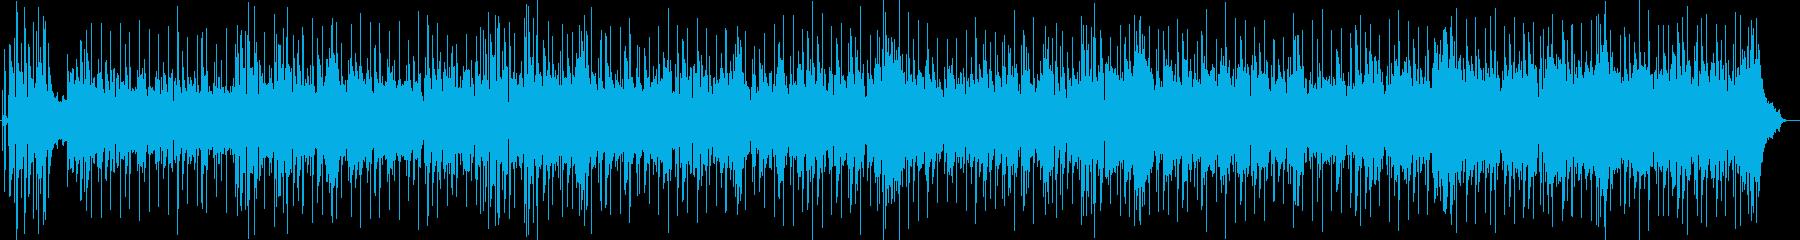 70年代ニューミュージック系ポップの再生済みの波形